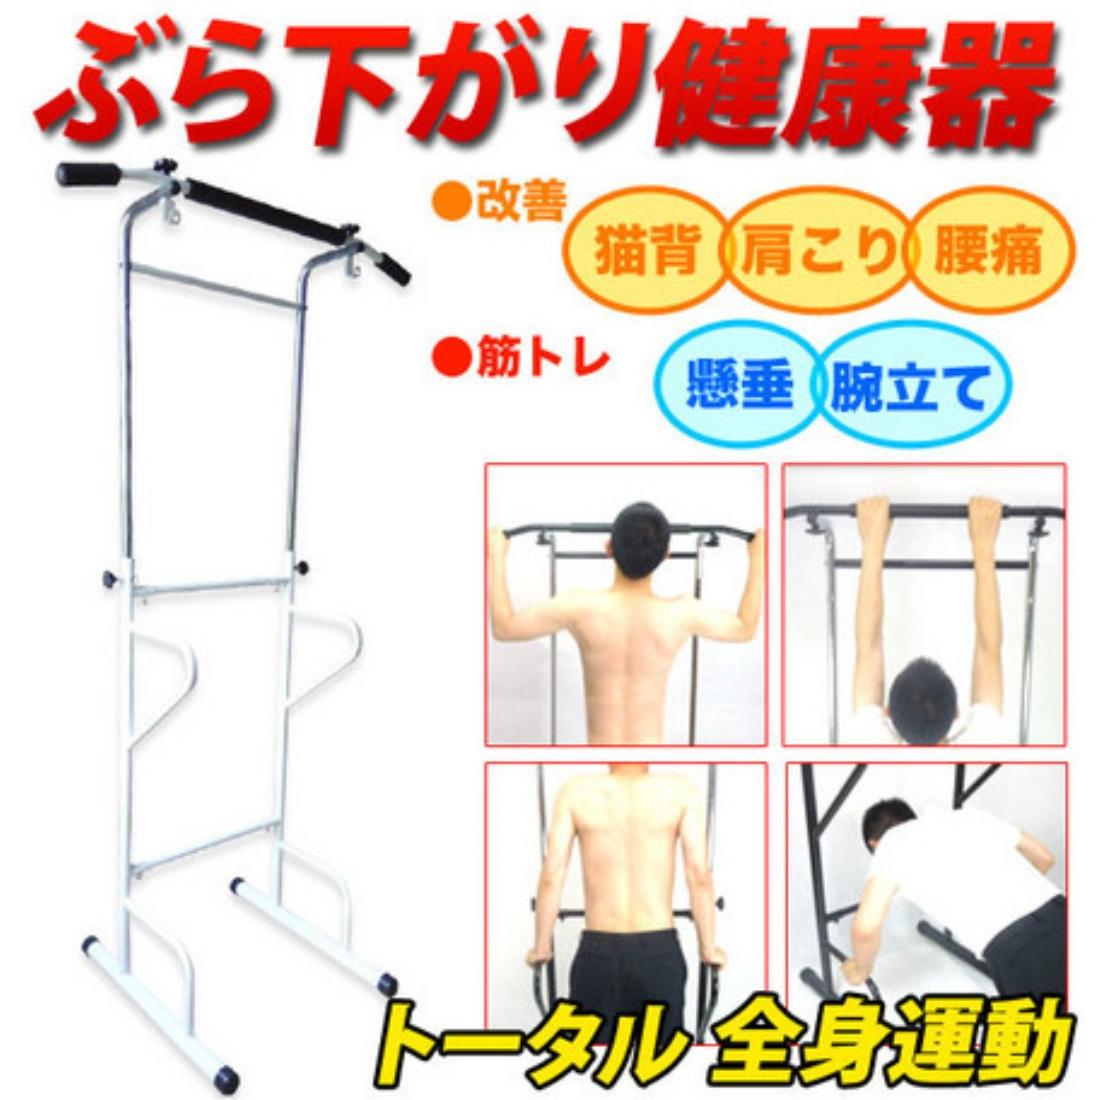 ぶら下がり健康器【白】ぶら下がり 健康器 筋力 運動 トレーニング エクササイズ